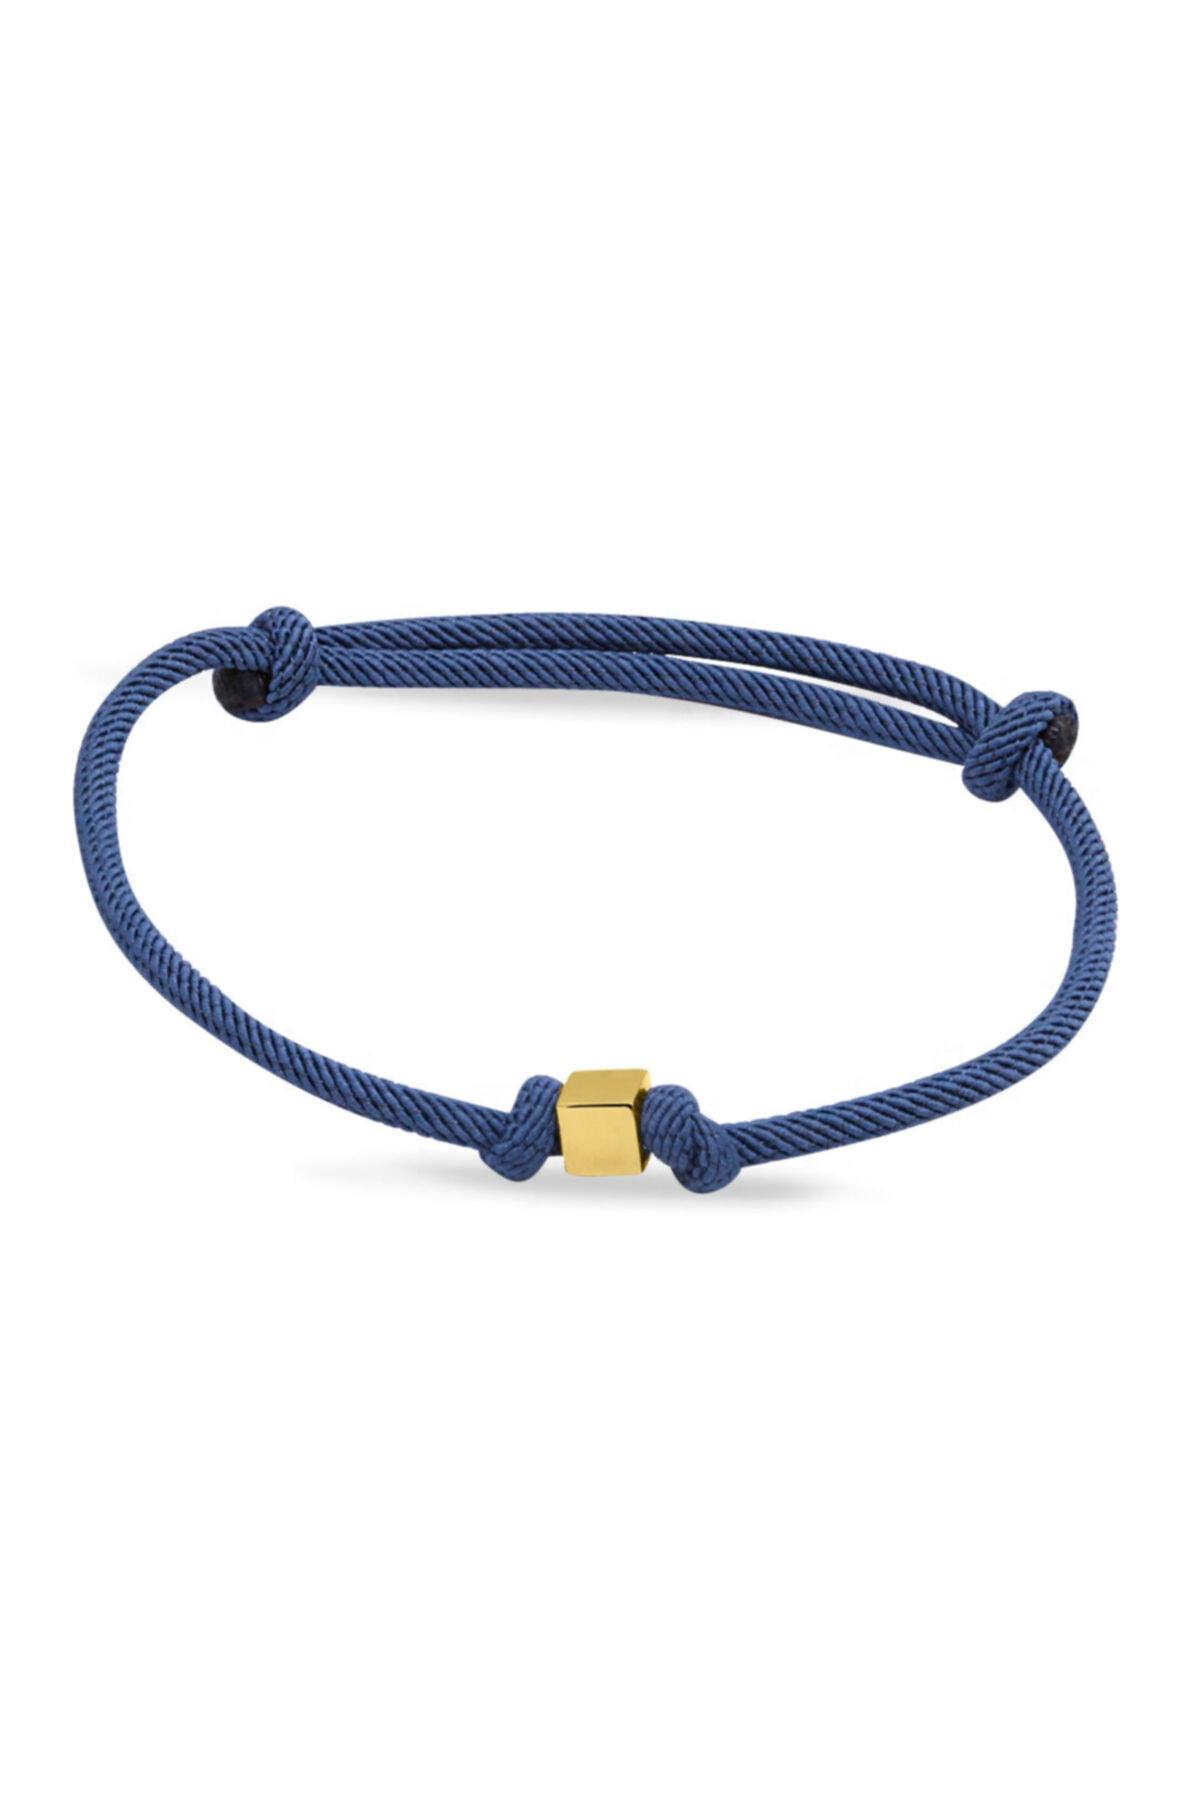 فروش انلاین دستبند طلا زنانه مجلسی برند ALTINKÖŞE رنگ آبی کد ty94207039